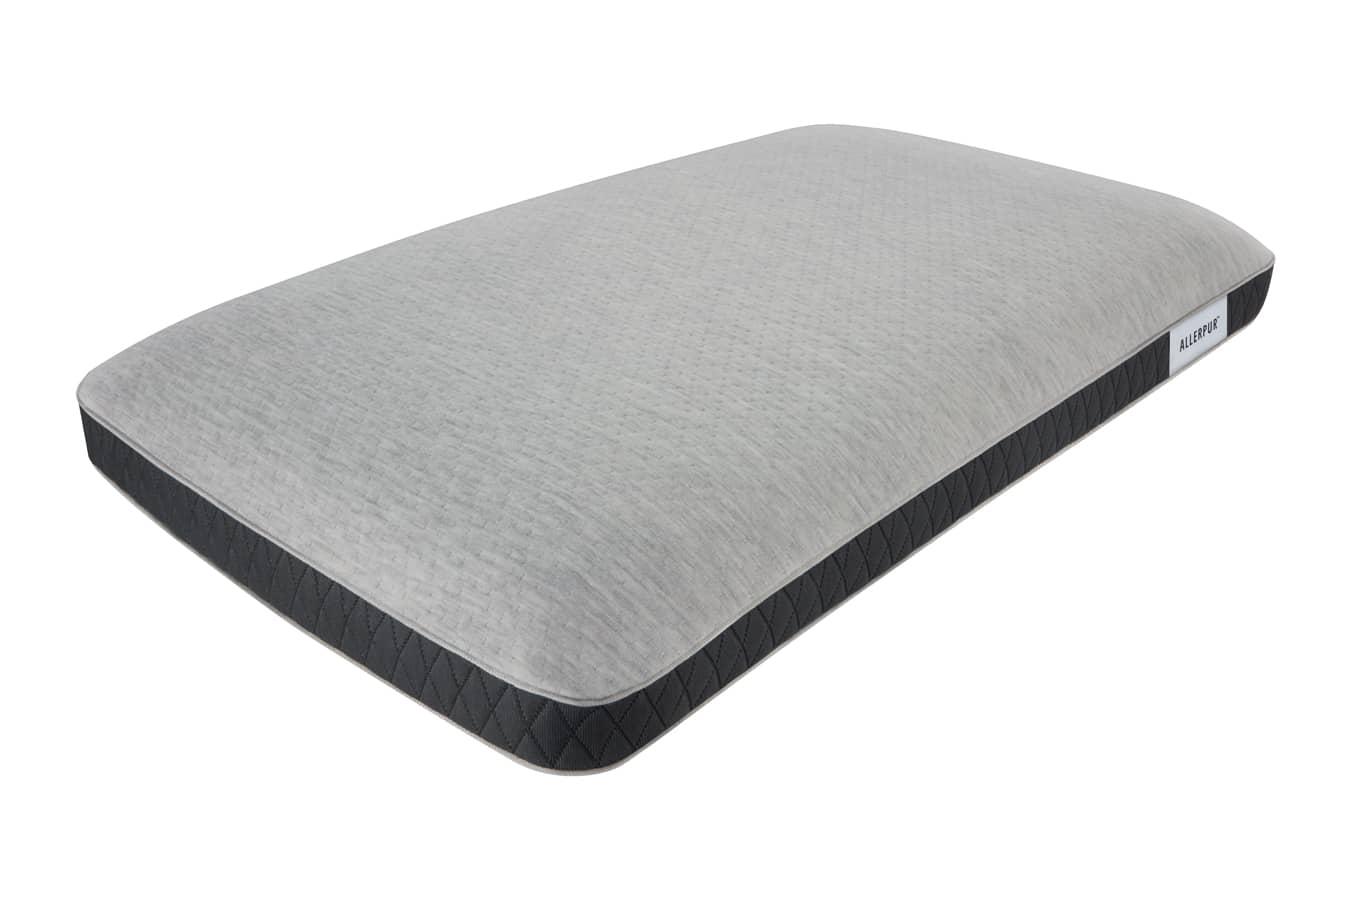 Beautyrest Memory Foam Pillows | Beautyrest Pillows | Beautyrest